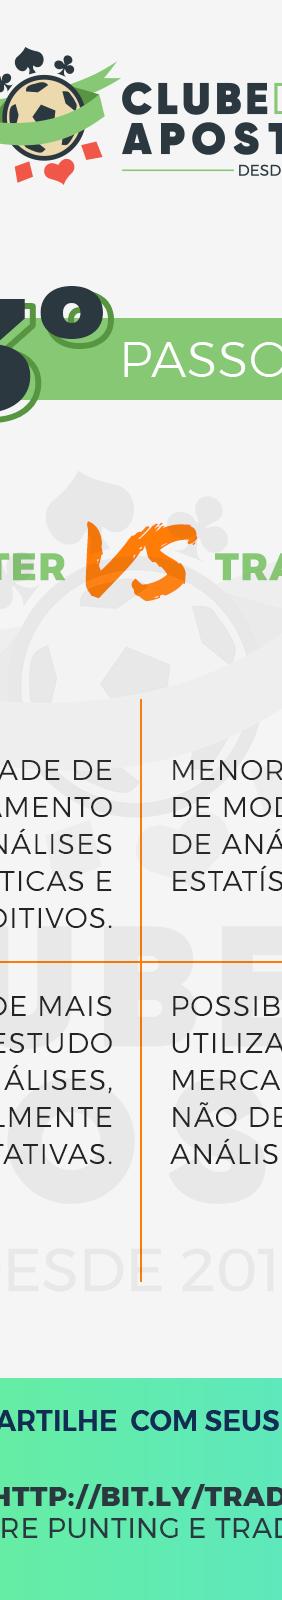 03-as-principais-diferencas-entre-punter-e-trader-em-5-passos